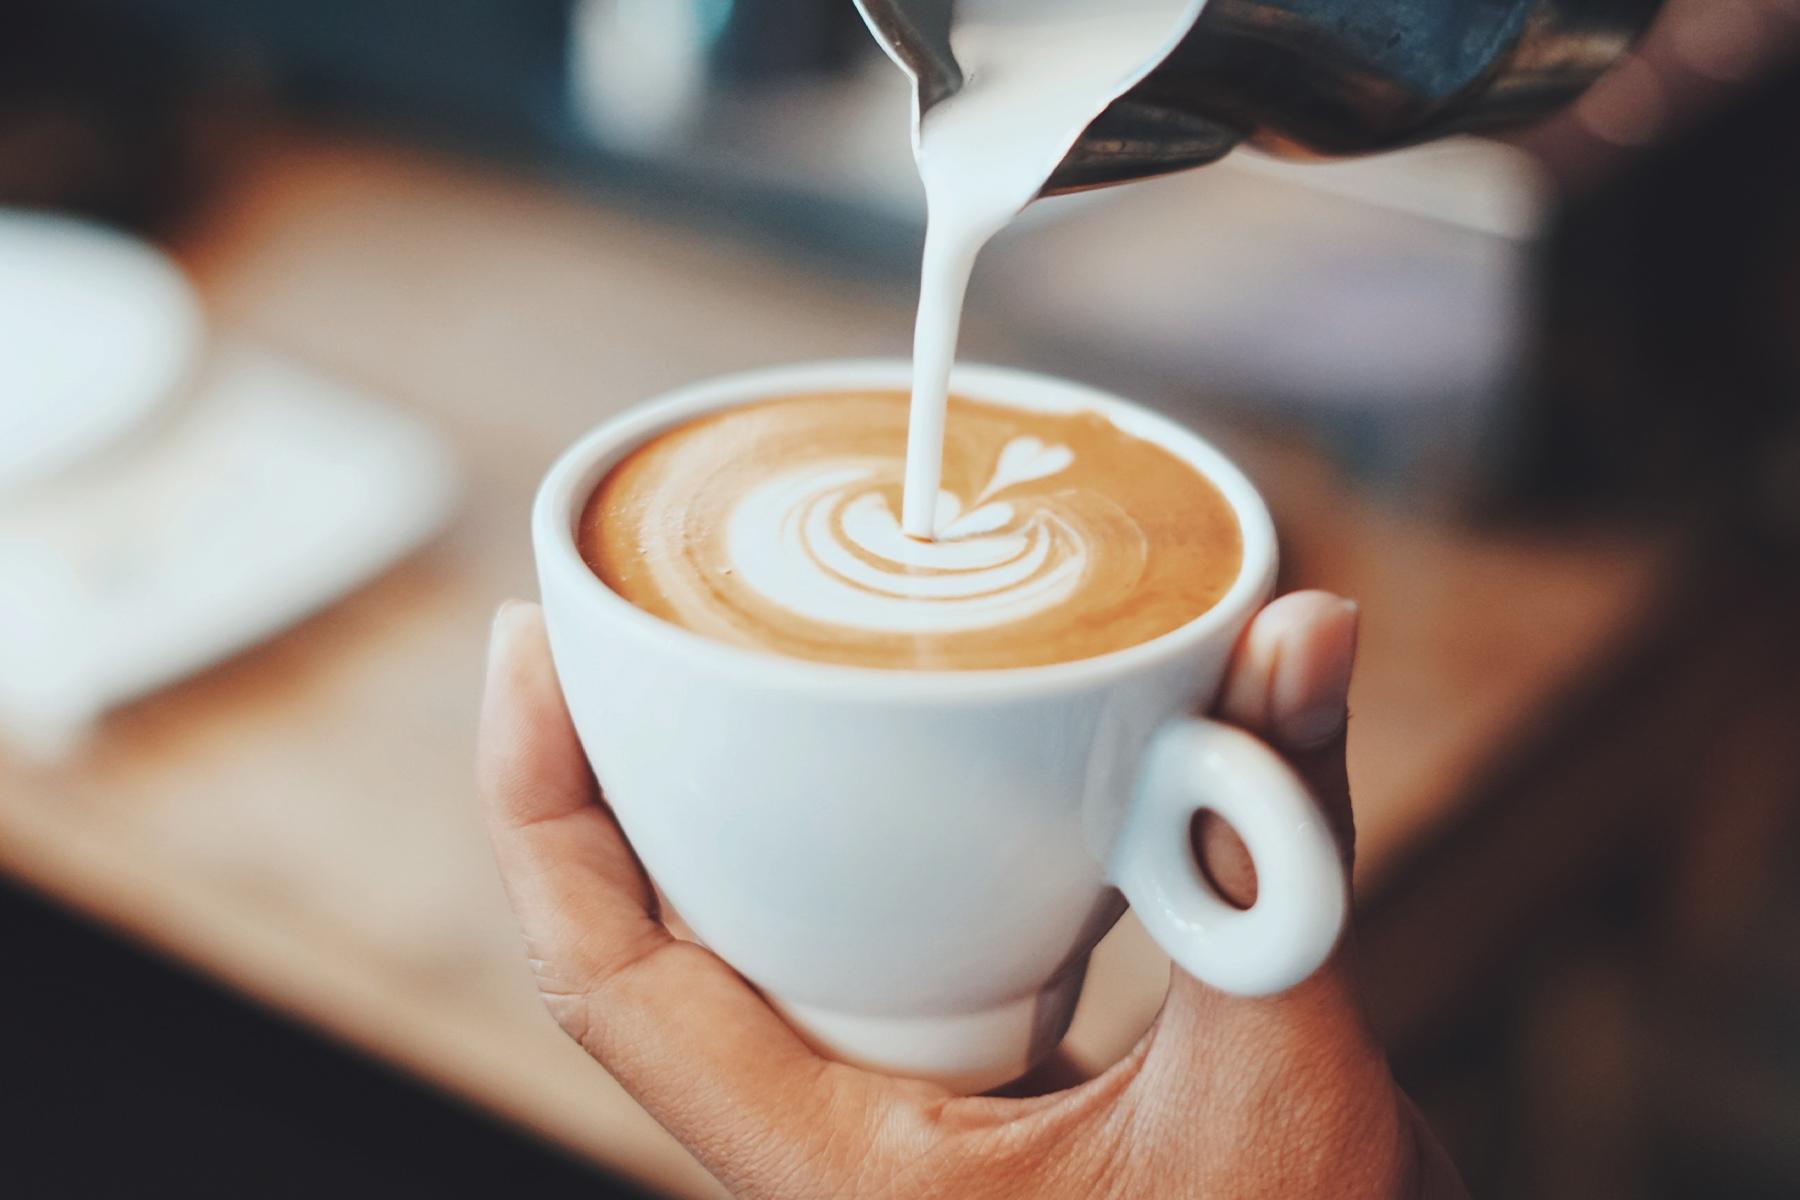 Cafe Soleil Koeln 7 Artikel – ©Unsplash